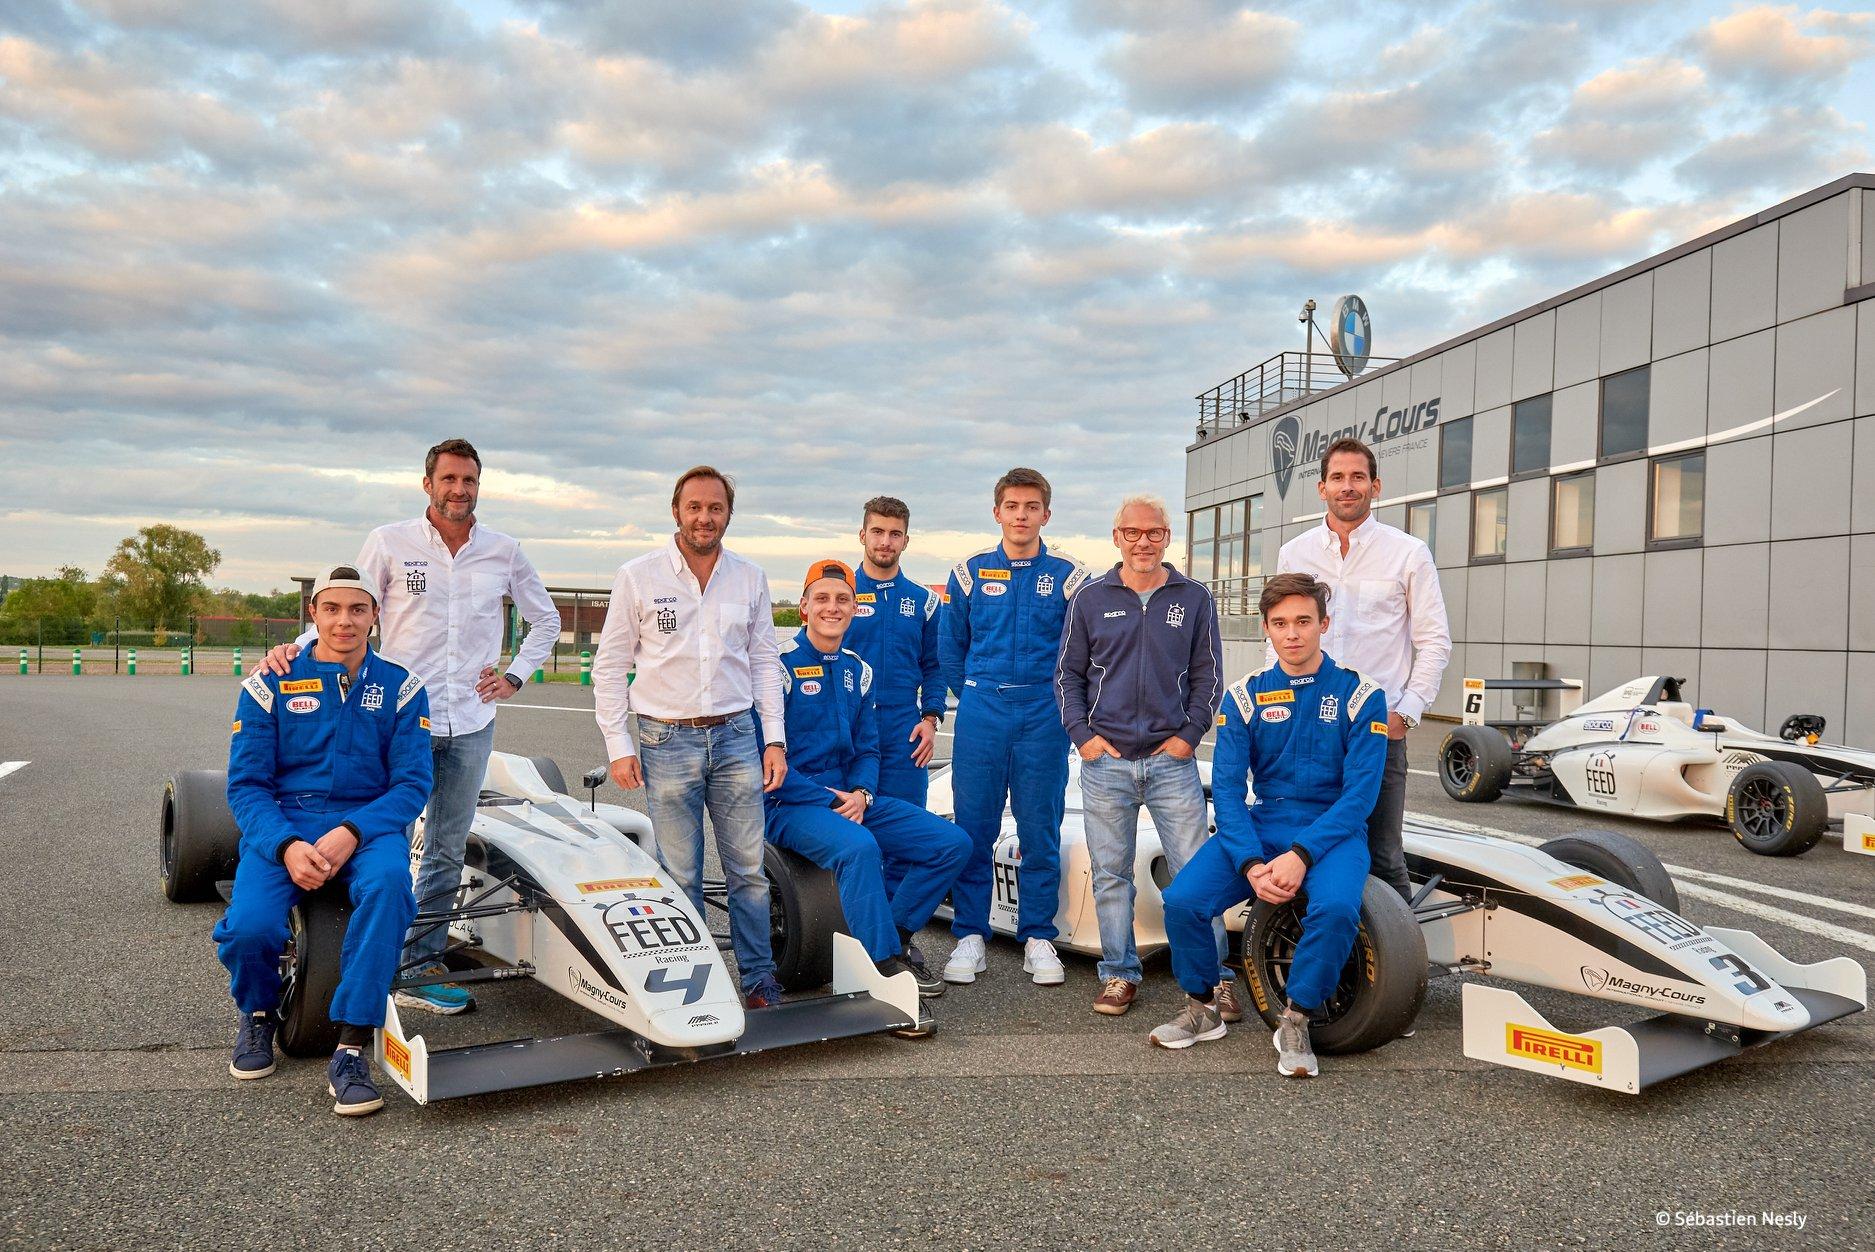 Les finalistes 2019 de FEED Racing